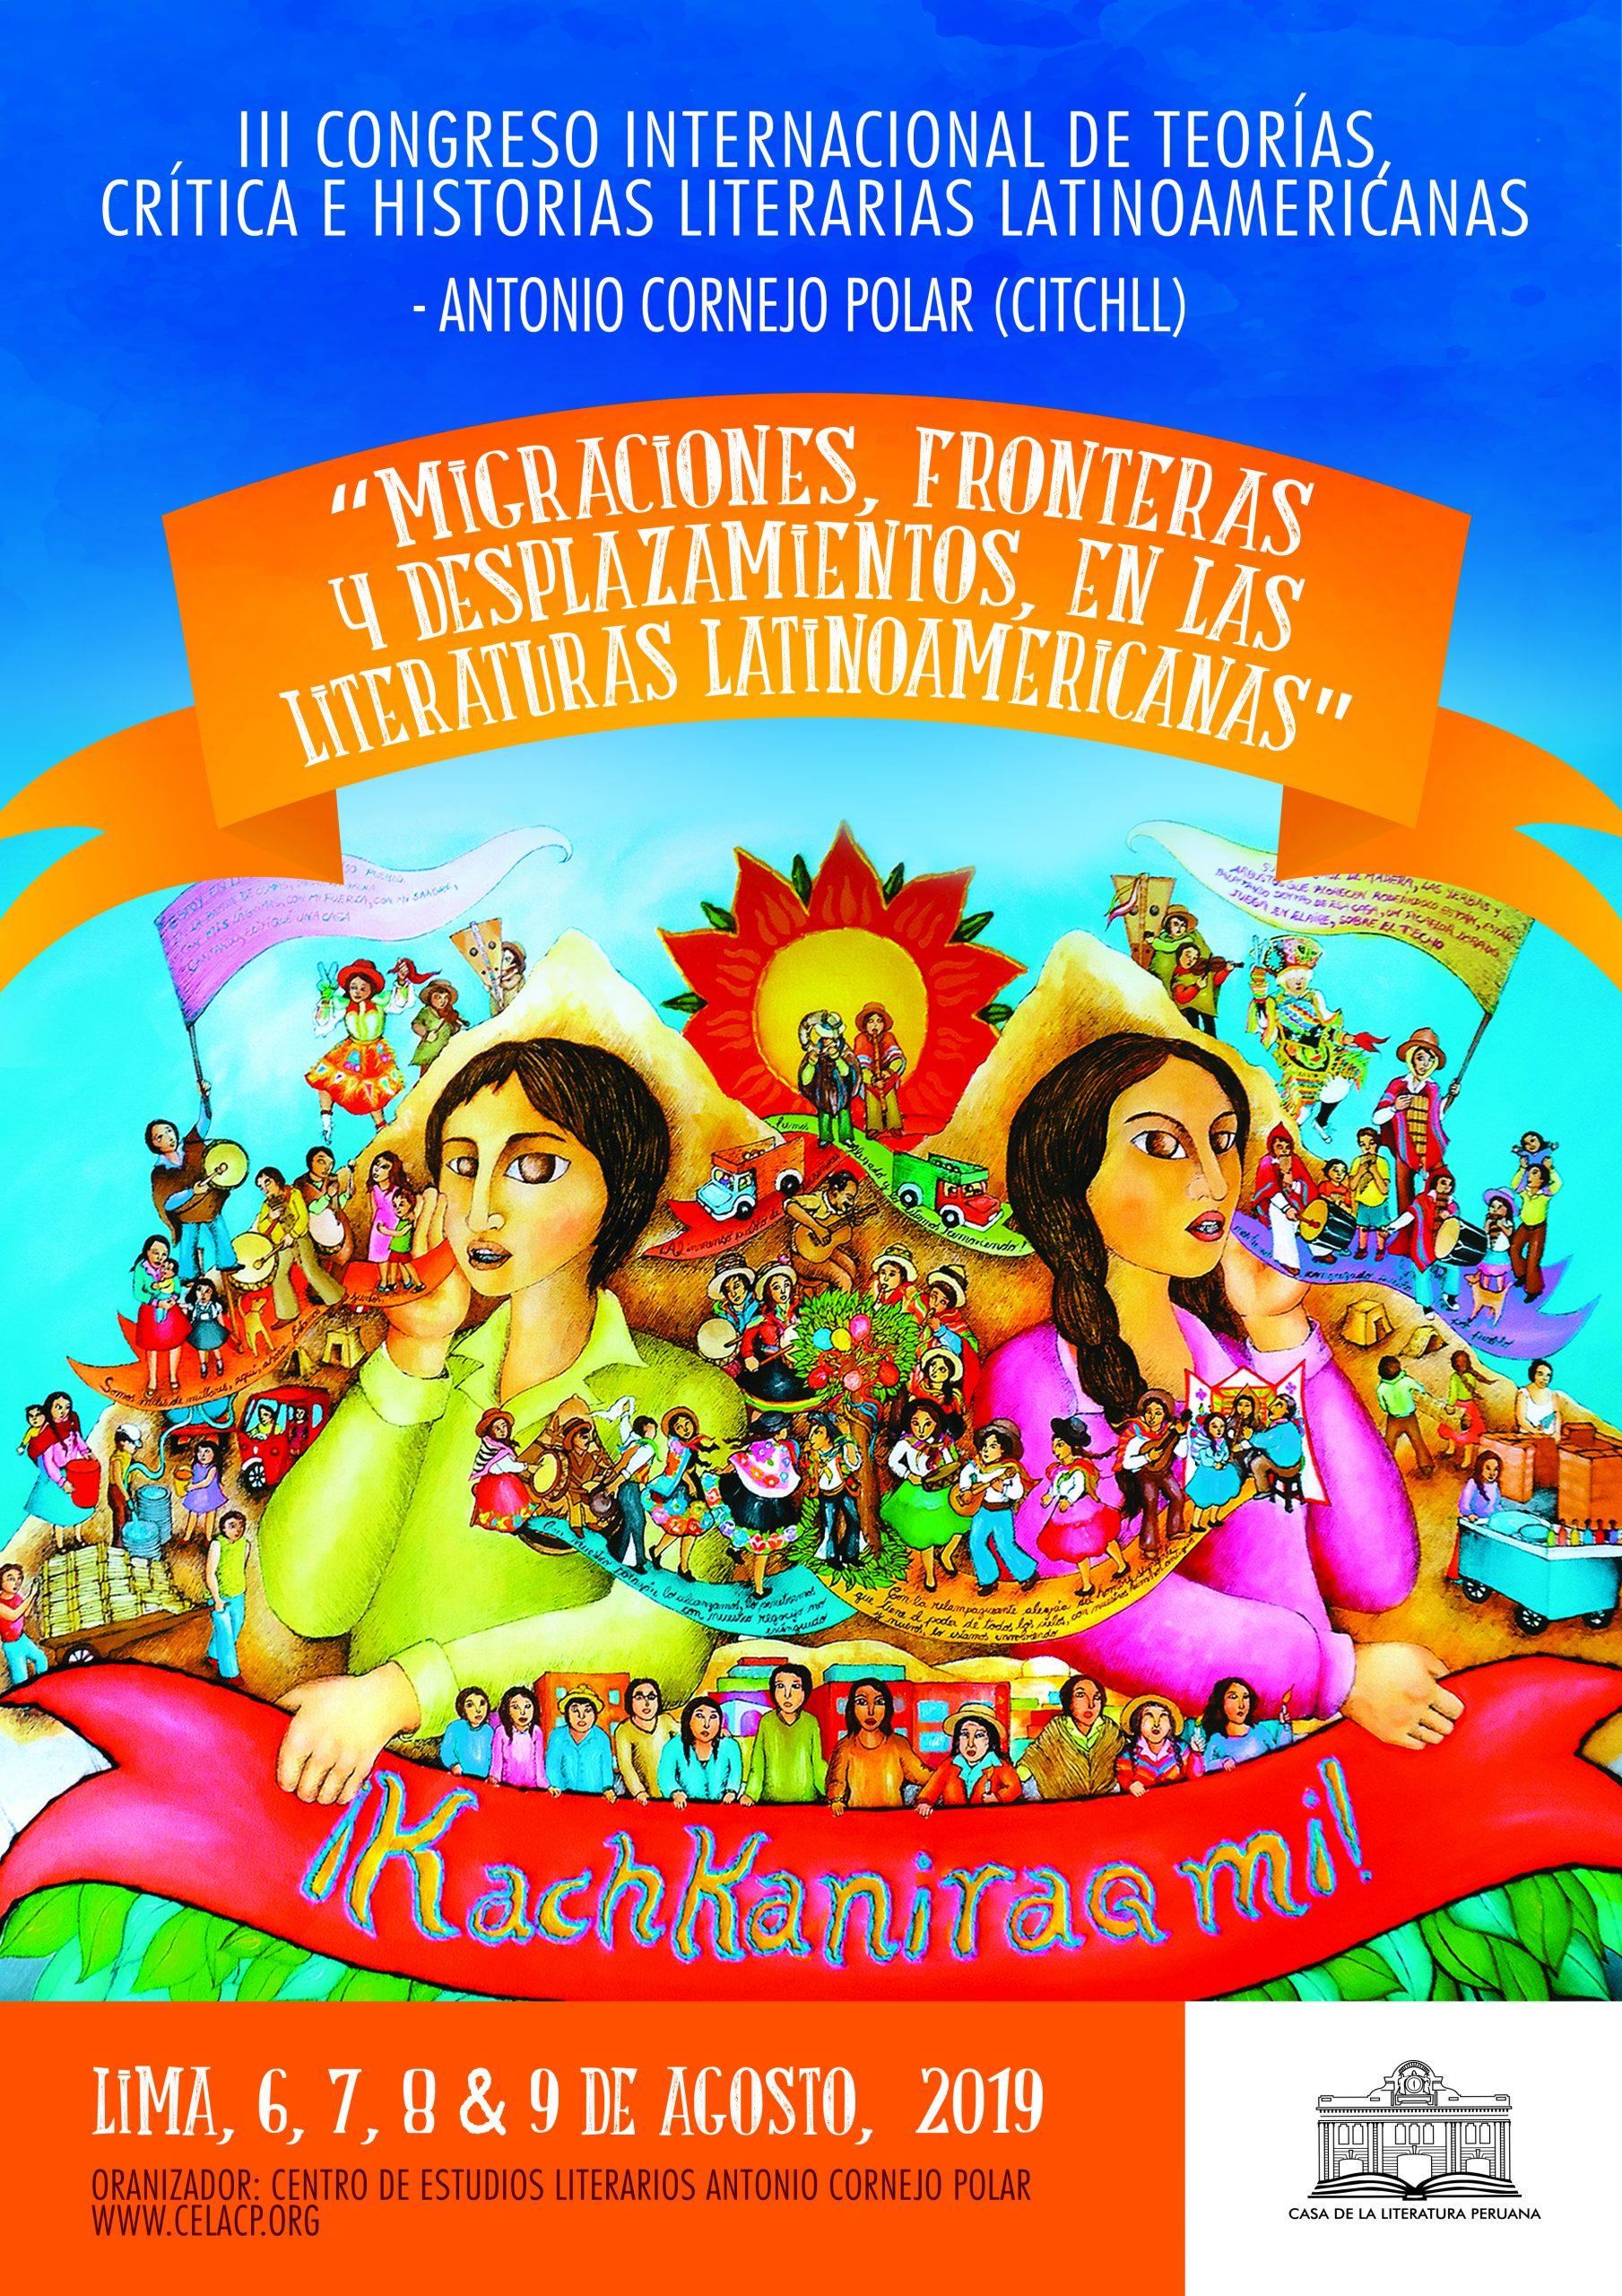 III Congreso Internacional de Teorías, Crítica e Historias Literarias Latinoamericanas